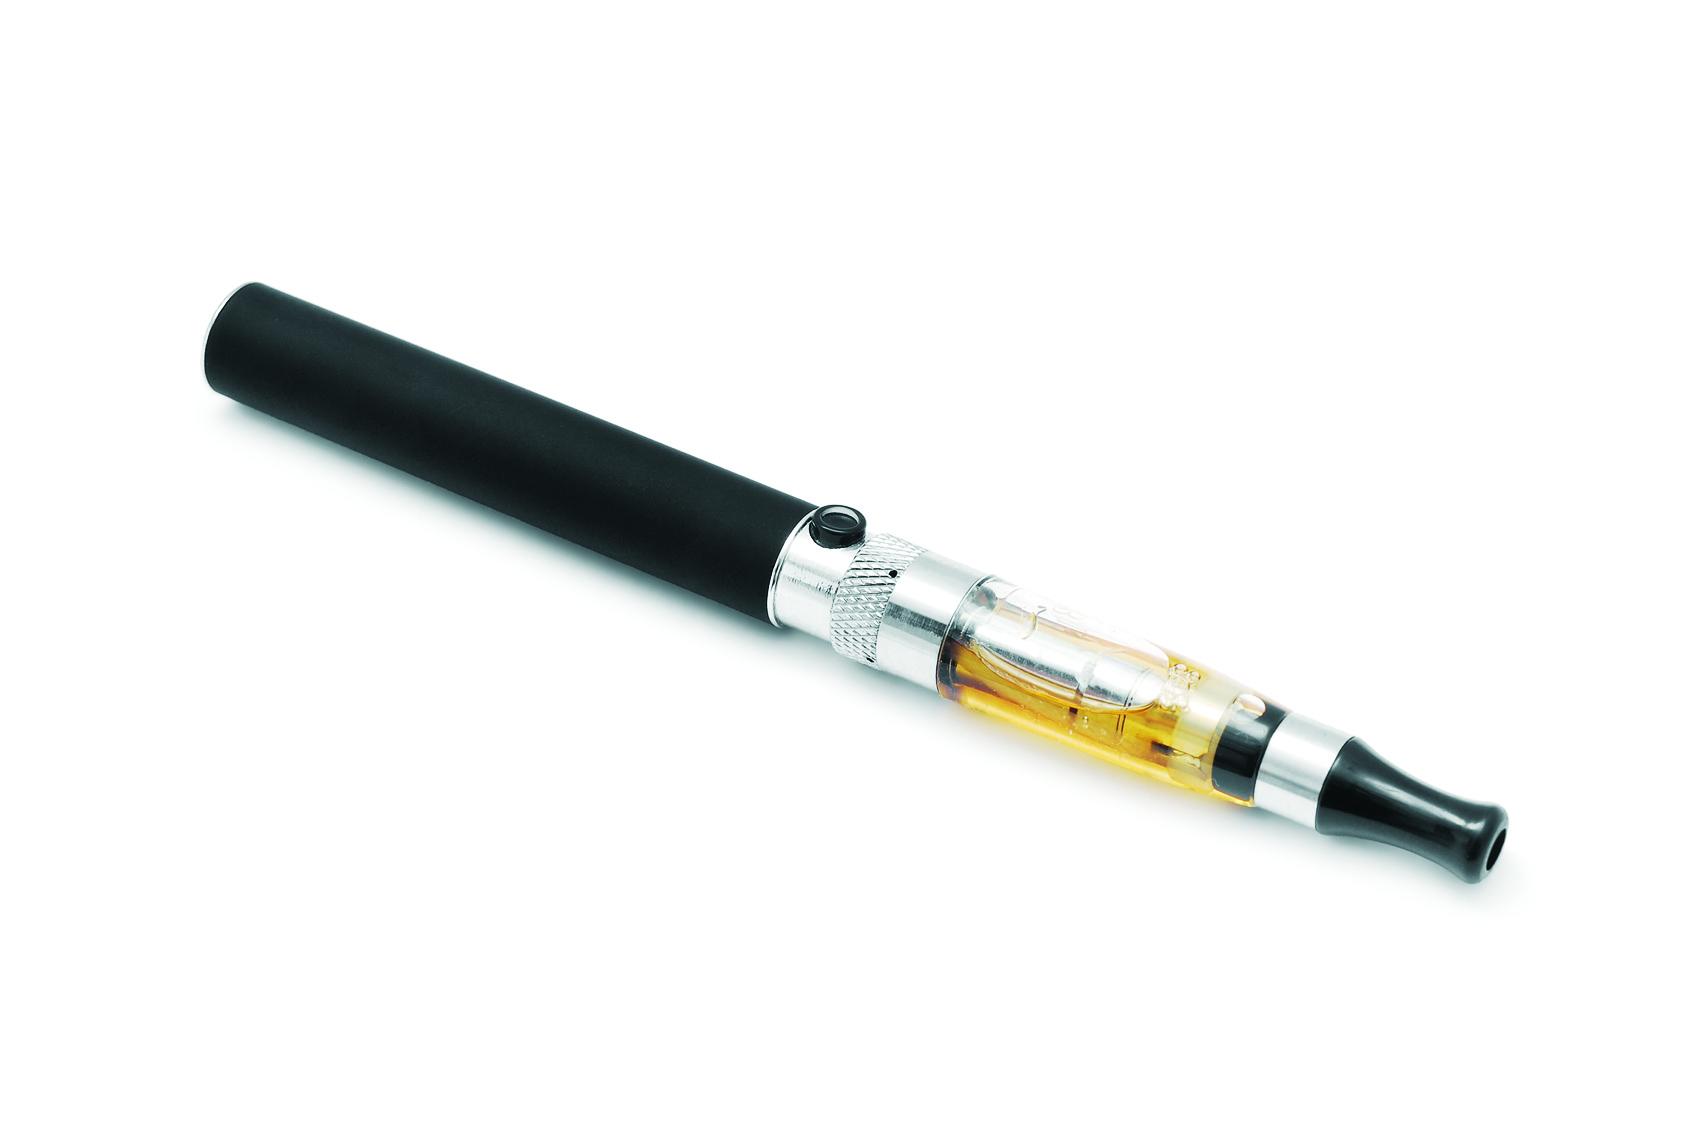 Batterie cigarette électronique : mes conseils sur le matériel à acheter